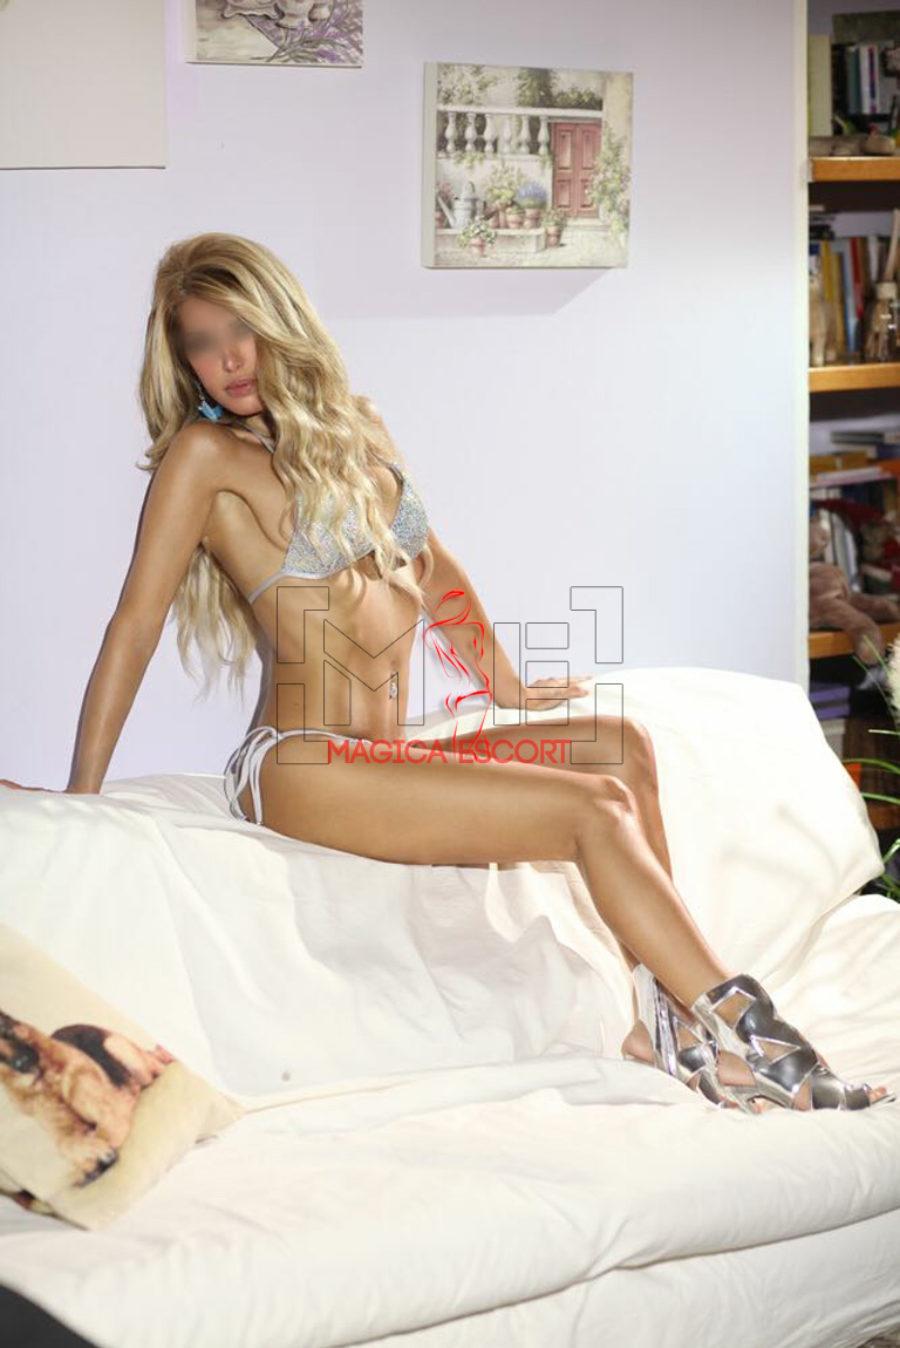 Veronika escort di lusso di Milano esibisce un corpo atletico e perfetto in questa foto.